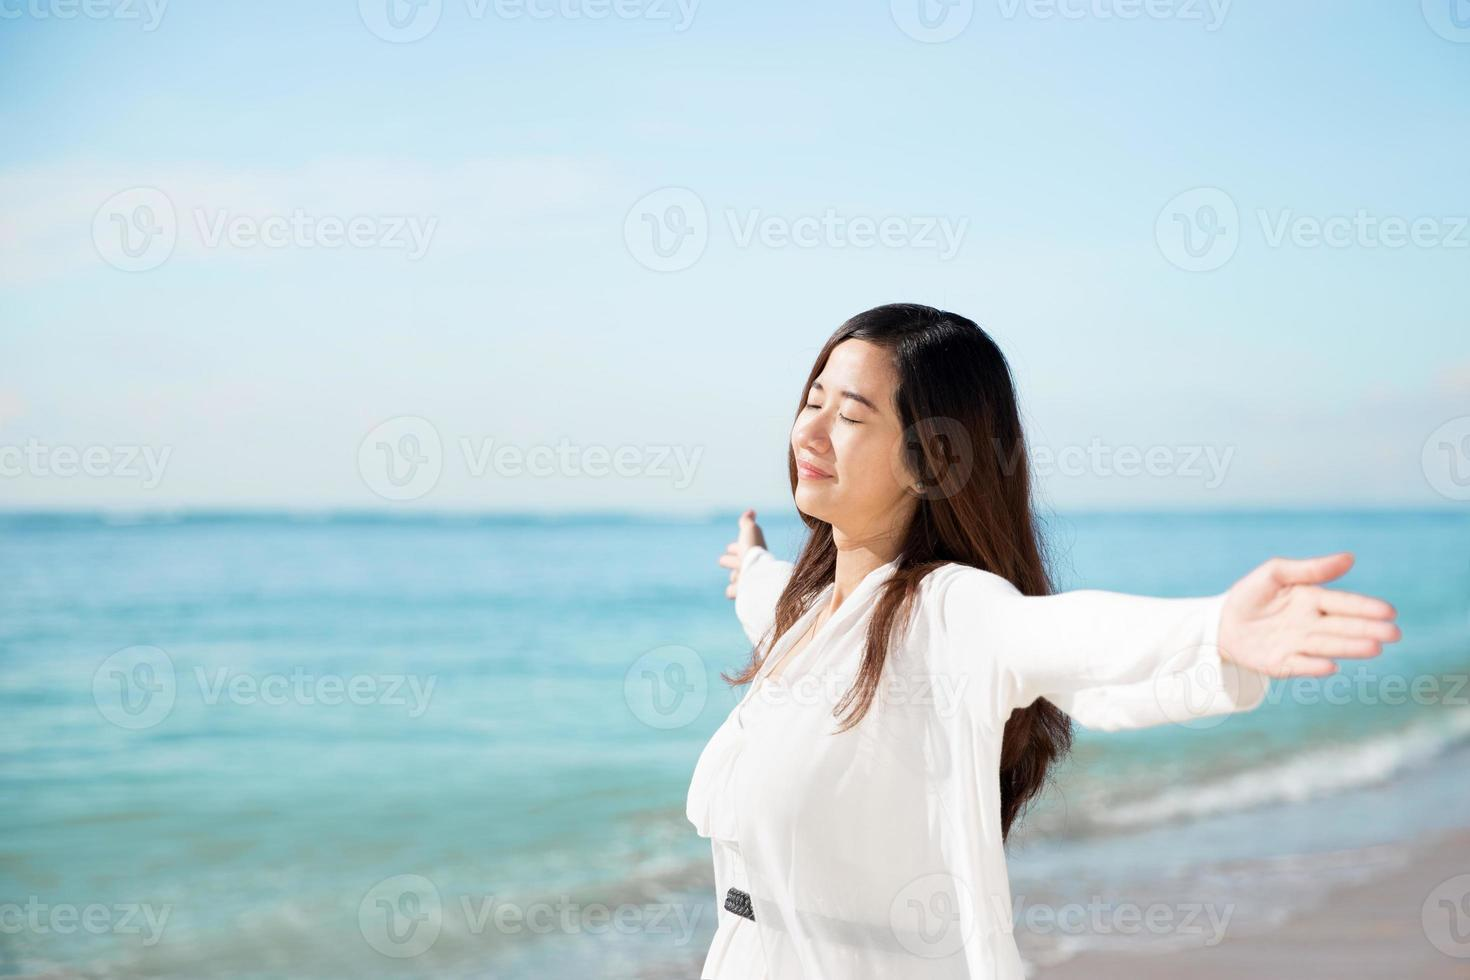 mulher asiática, desfrutando de praia, fechar os olhos e braços abertos foto